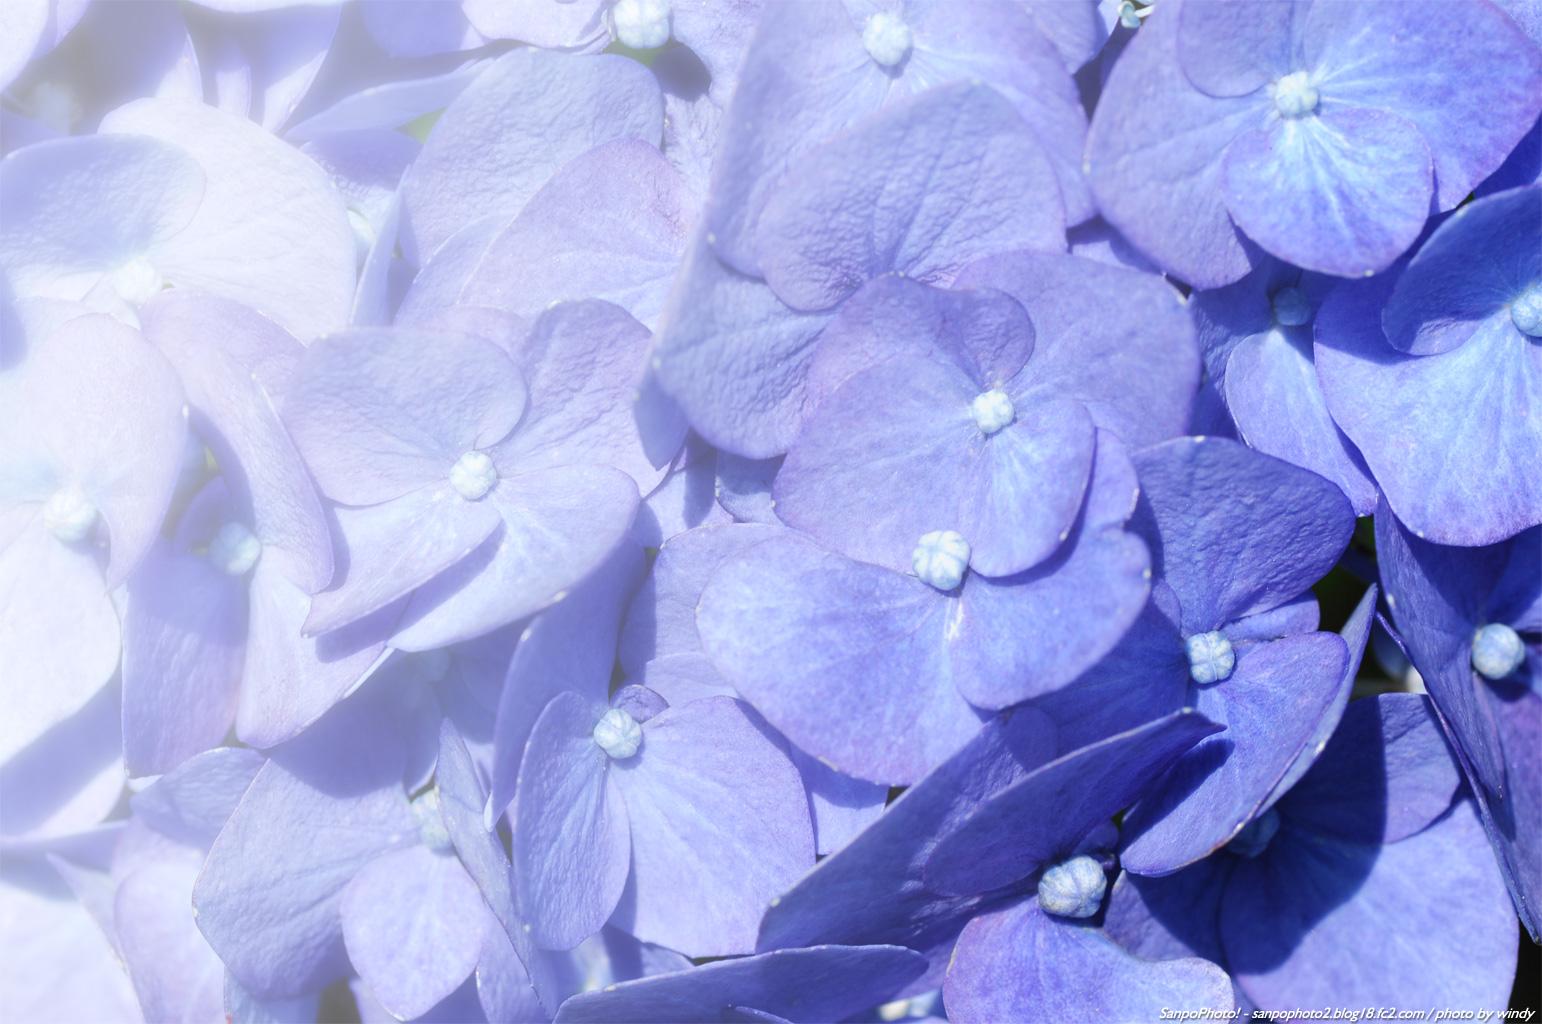 1542x1024 梅雨 の あじさい が 美しい壁紙 紫陽花 壁紙